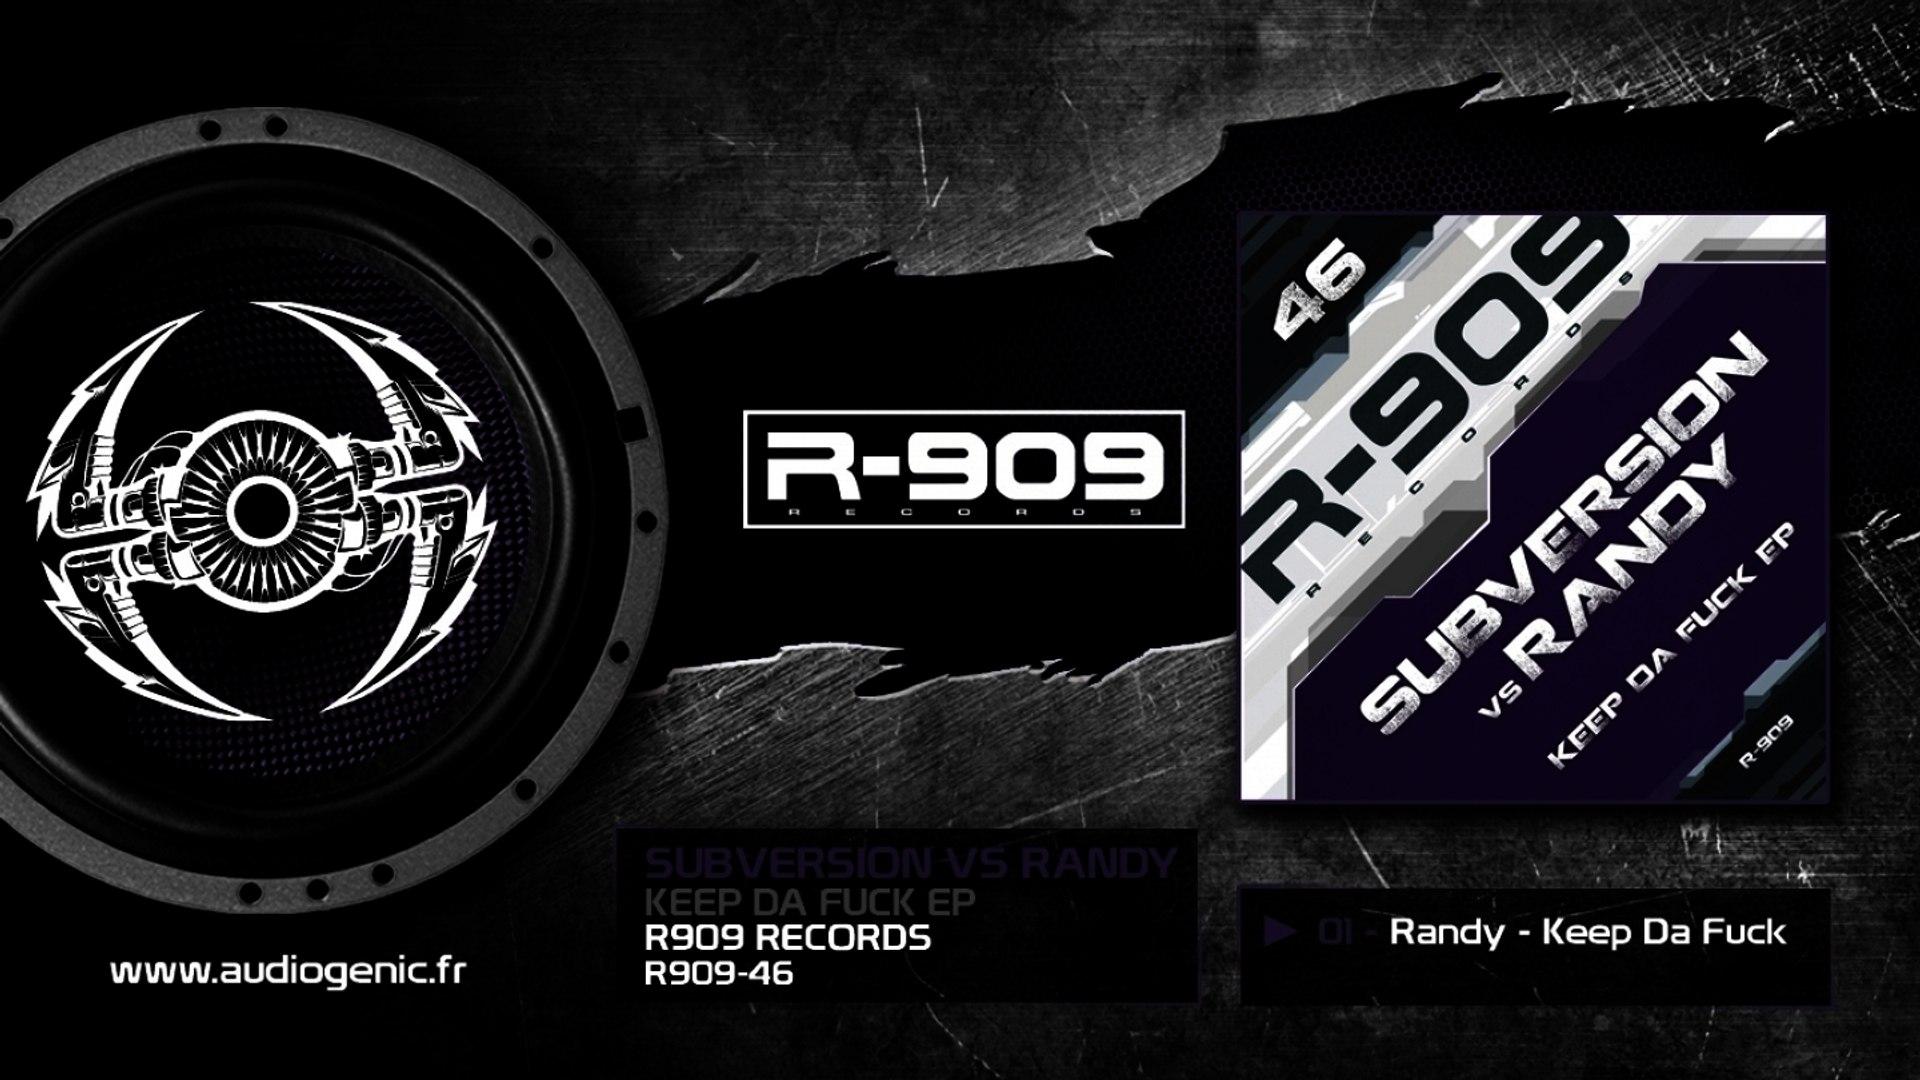 01 - Randy - Keep Da Fuck [KEEP DA FUCK EP / R909-46]